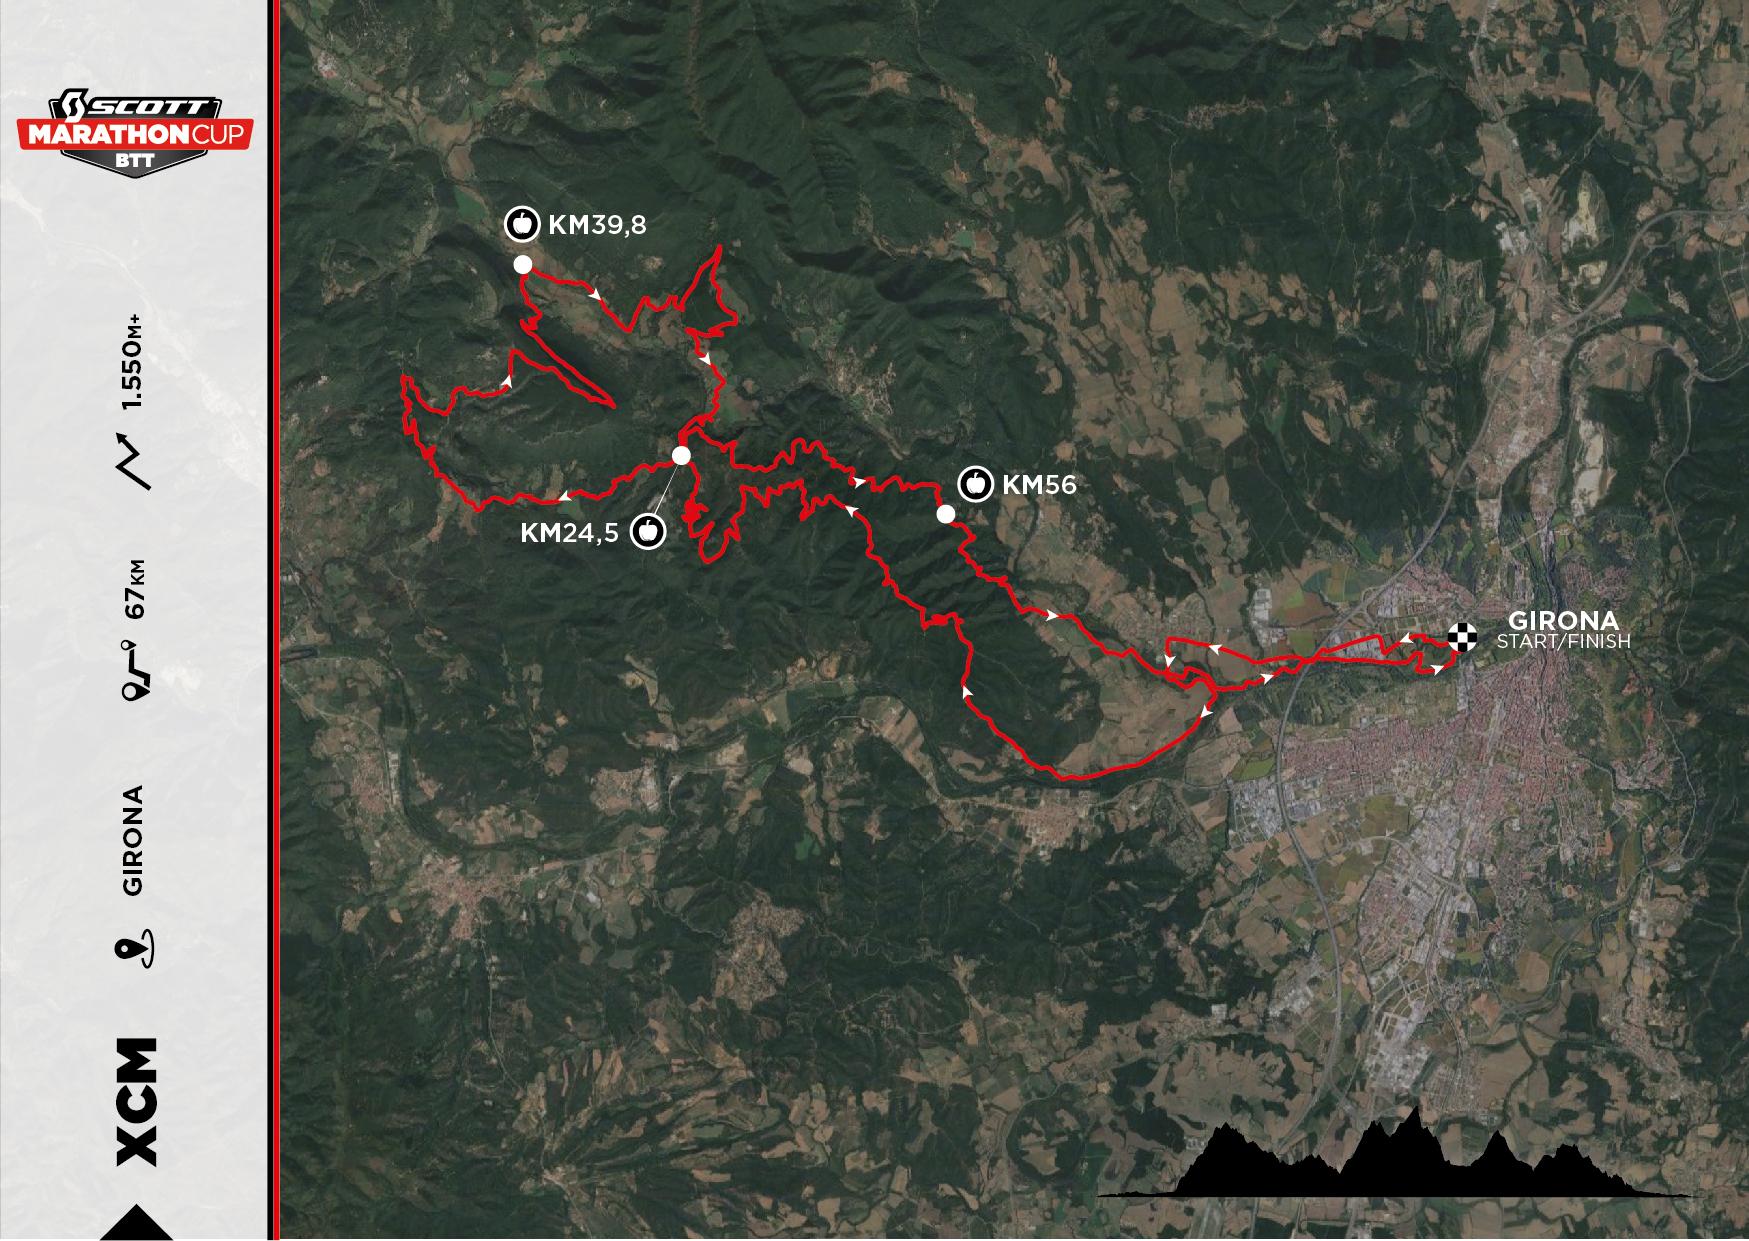 OBT�N LOS TRACKS GPS